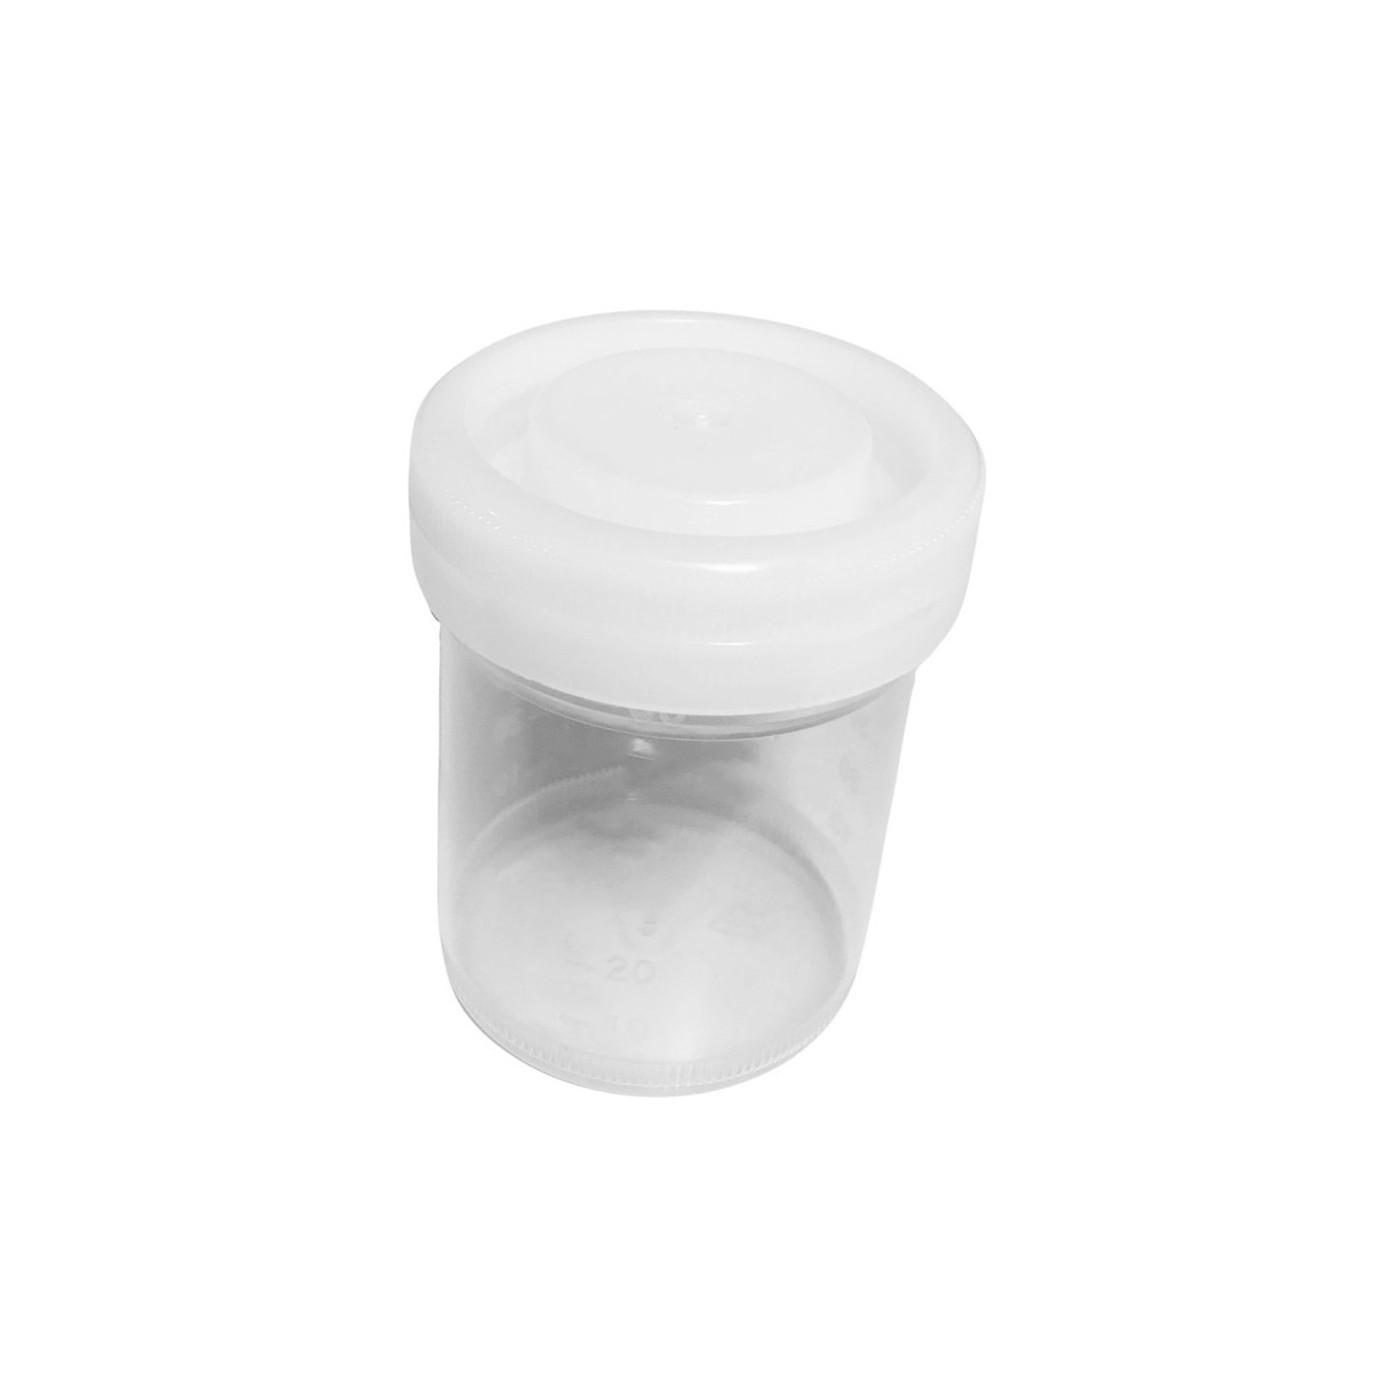 Kunststoffgefäß 120 ml, 50 stuck, mit Schraubverschluss  - 1